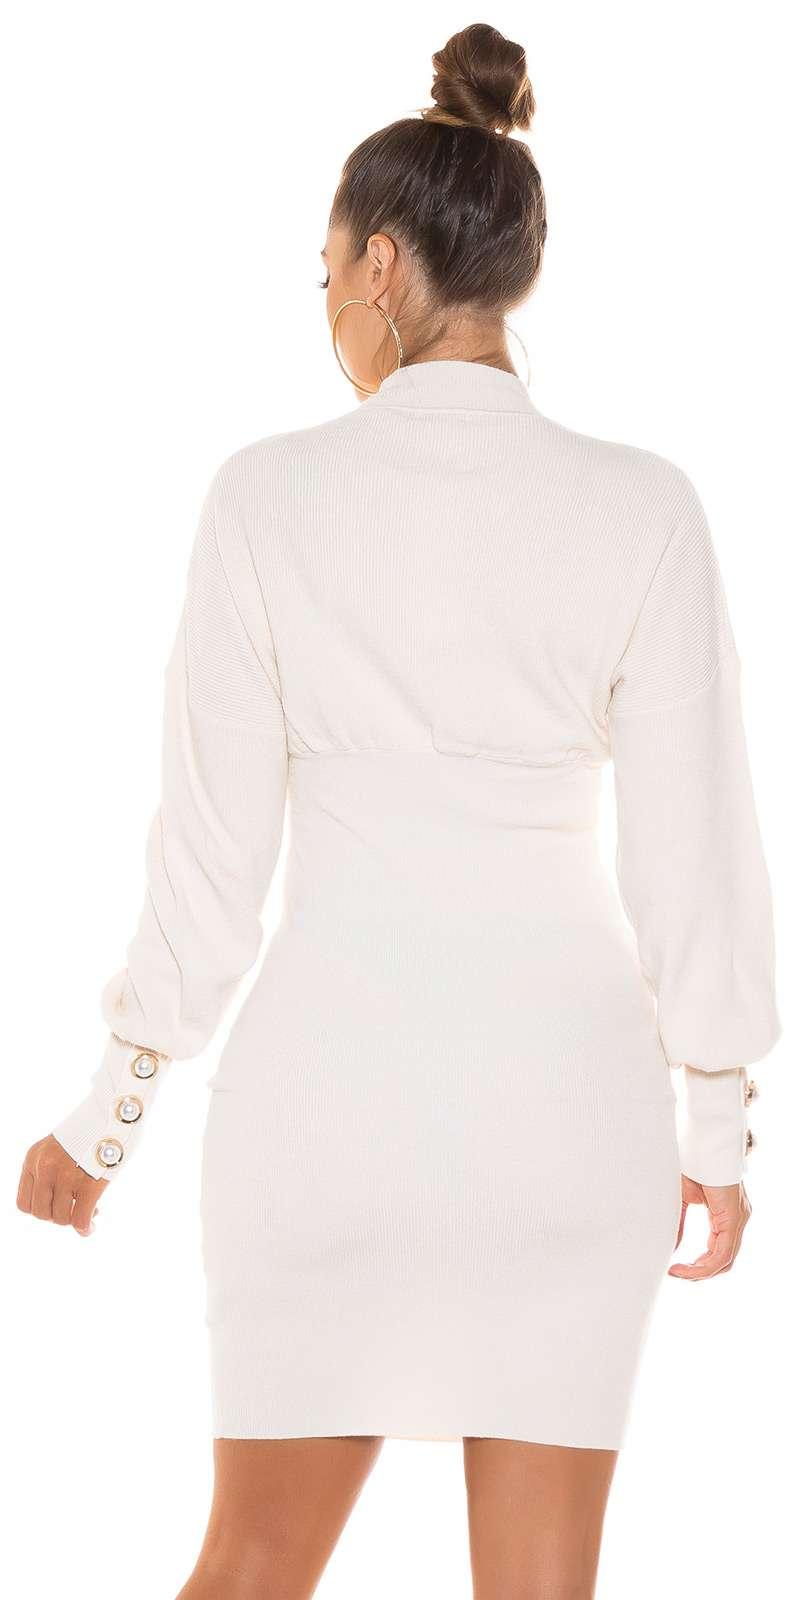 Robe tricotée Linya